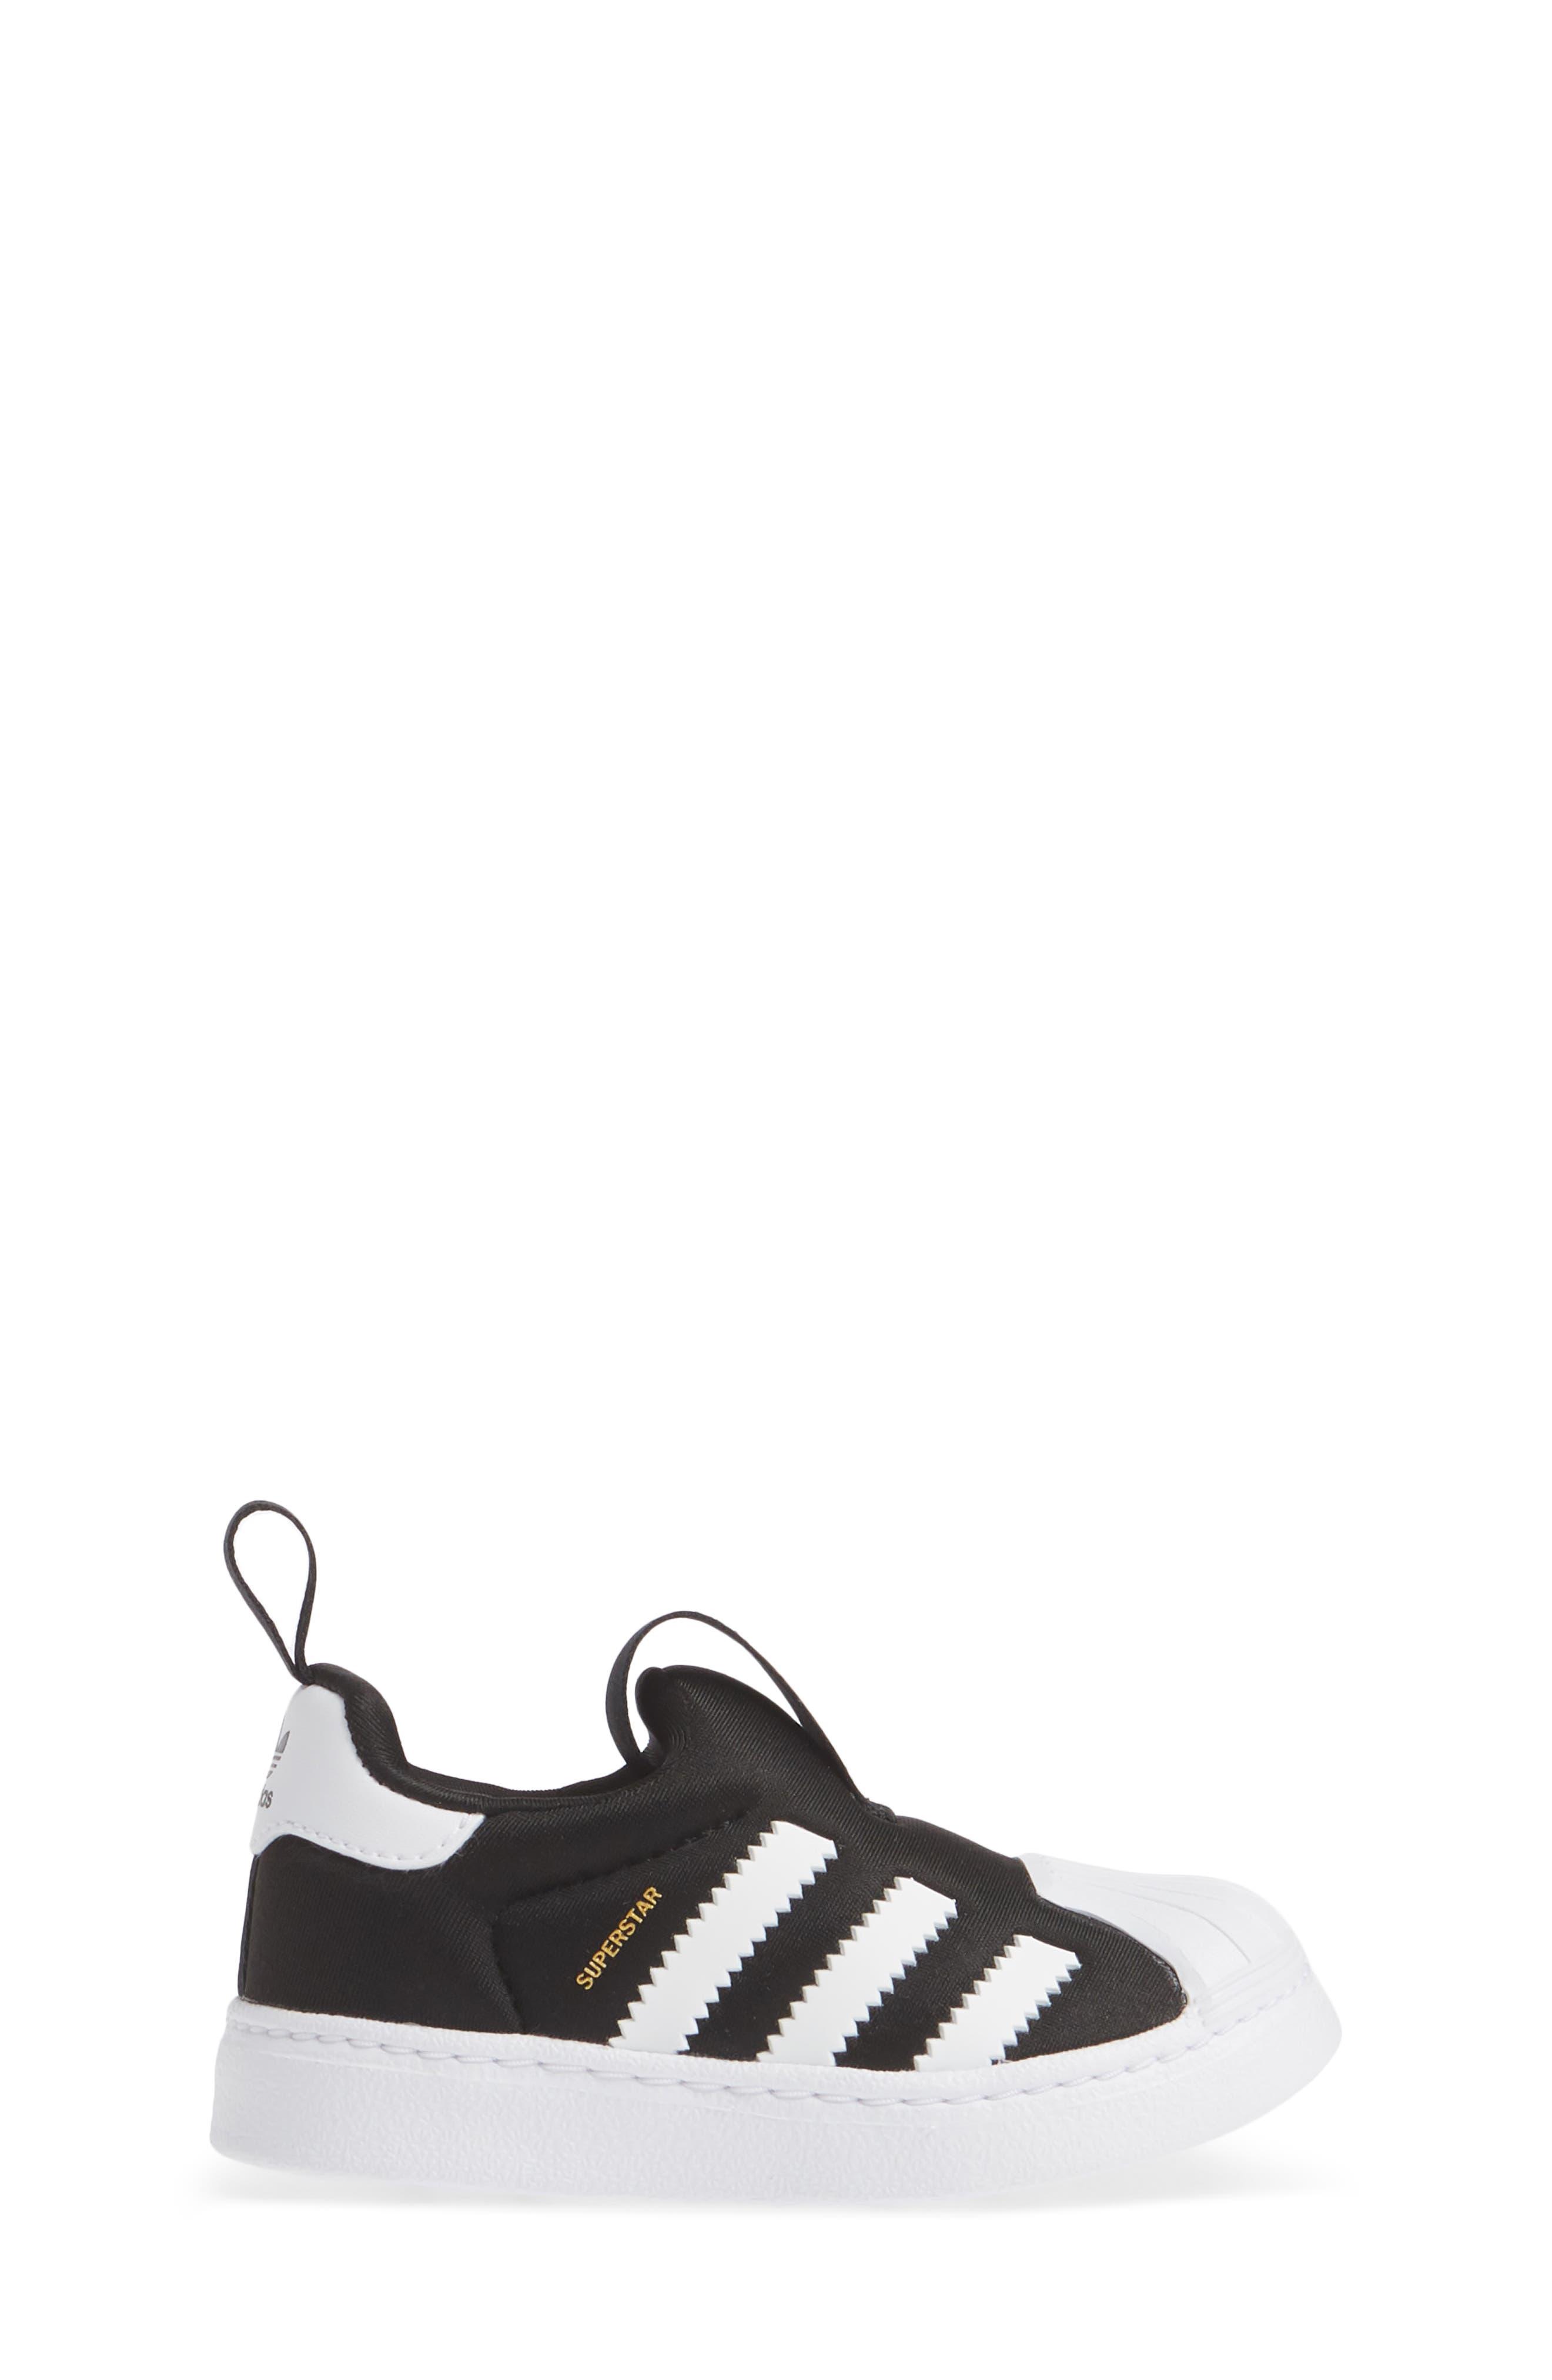 Superstar 360 I Sneaker,                             Alternate thumbnail 3, color,                             CORE BLACK/ WHITE/ GOLD MET